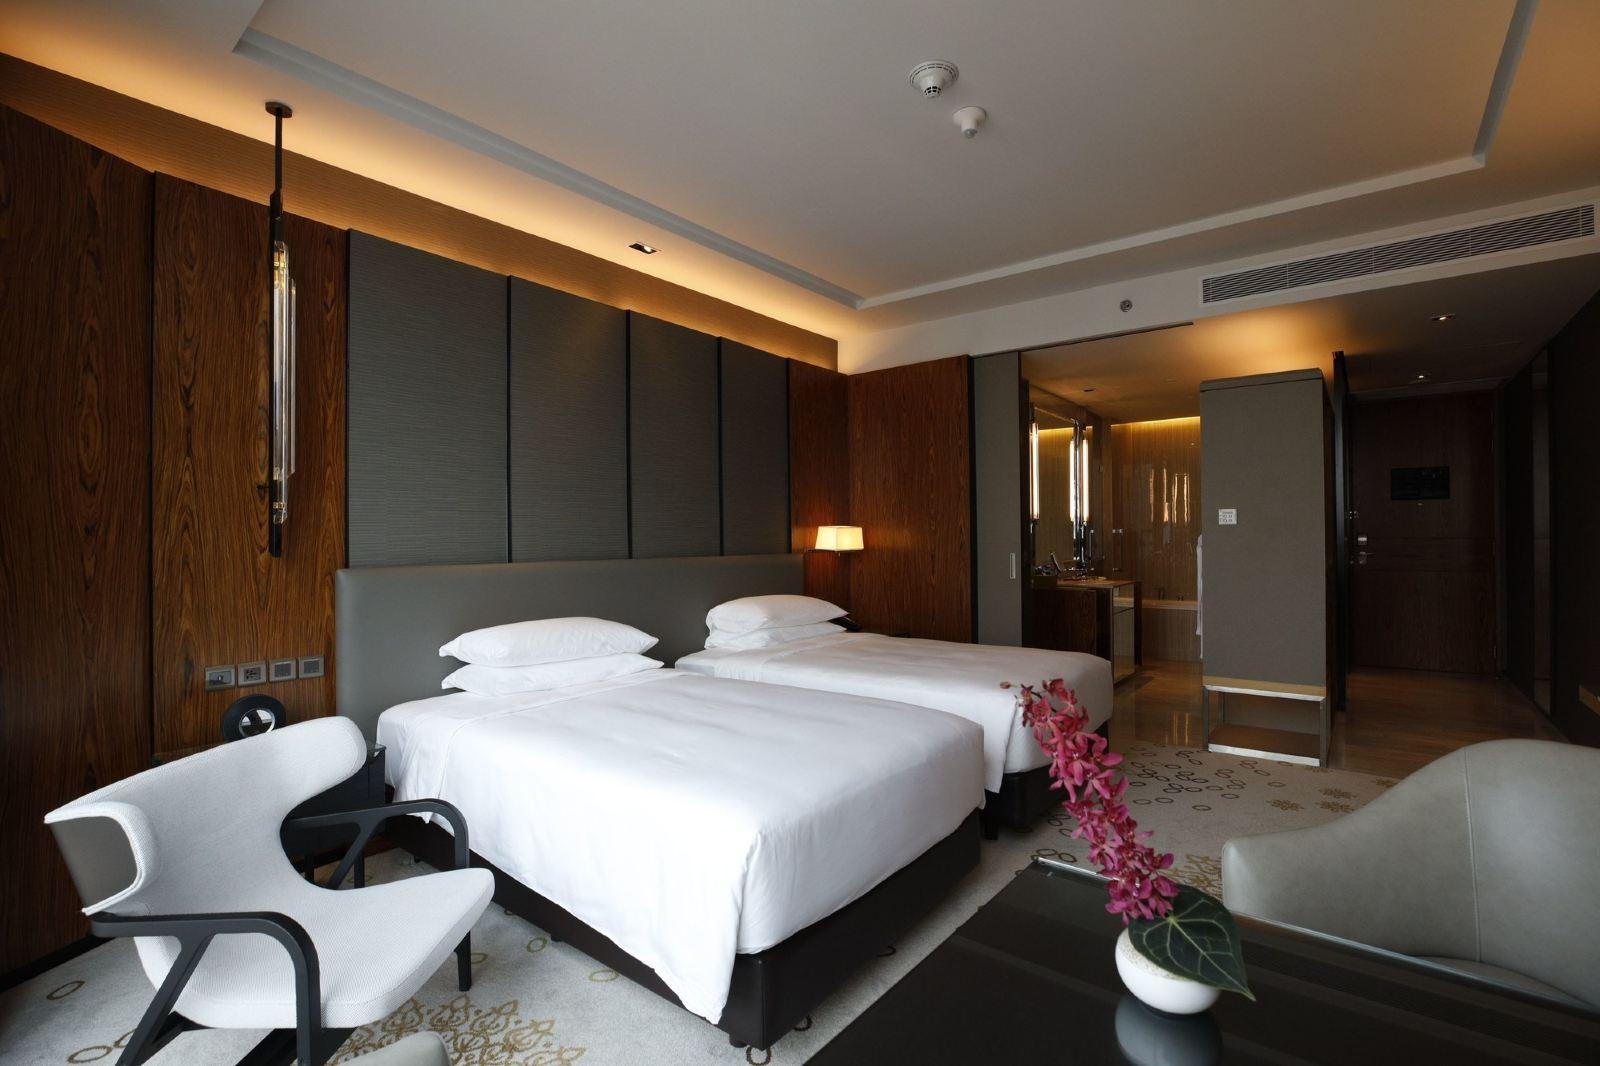 曼谷苏坤蔚凯悦摄政酒店